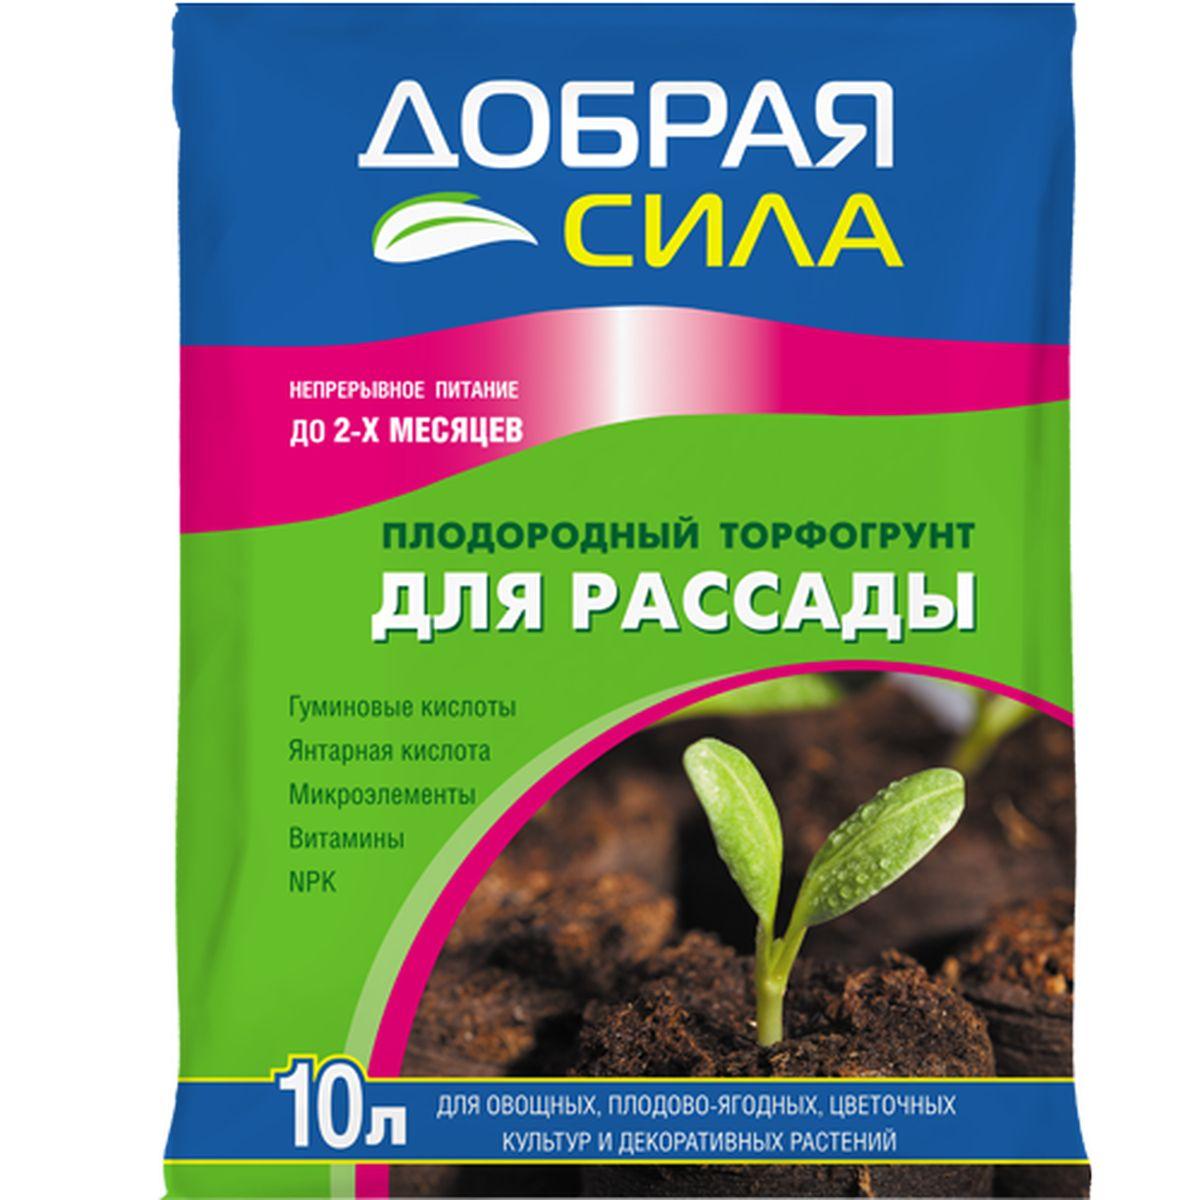 Почвенный грунт на основе торфа Добрая Сила, для рассады, 10 лDS-29-01-006-1Предназначен для выращивания рассады овощных, плодово-ягодных, цветочных культур и декоративных растений. Может использоваться при посеве и выращивании растений в зимних садах и оранжереях, а также при выращивании растений в теплицах и парниках.